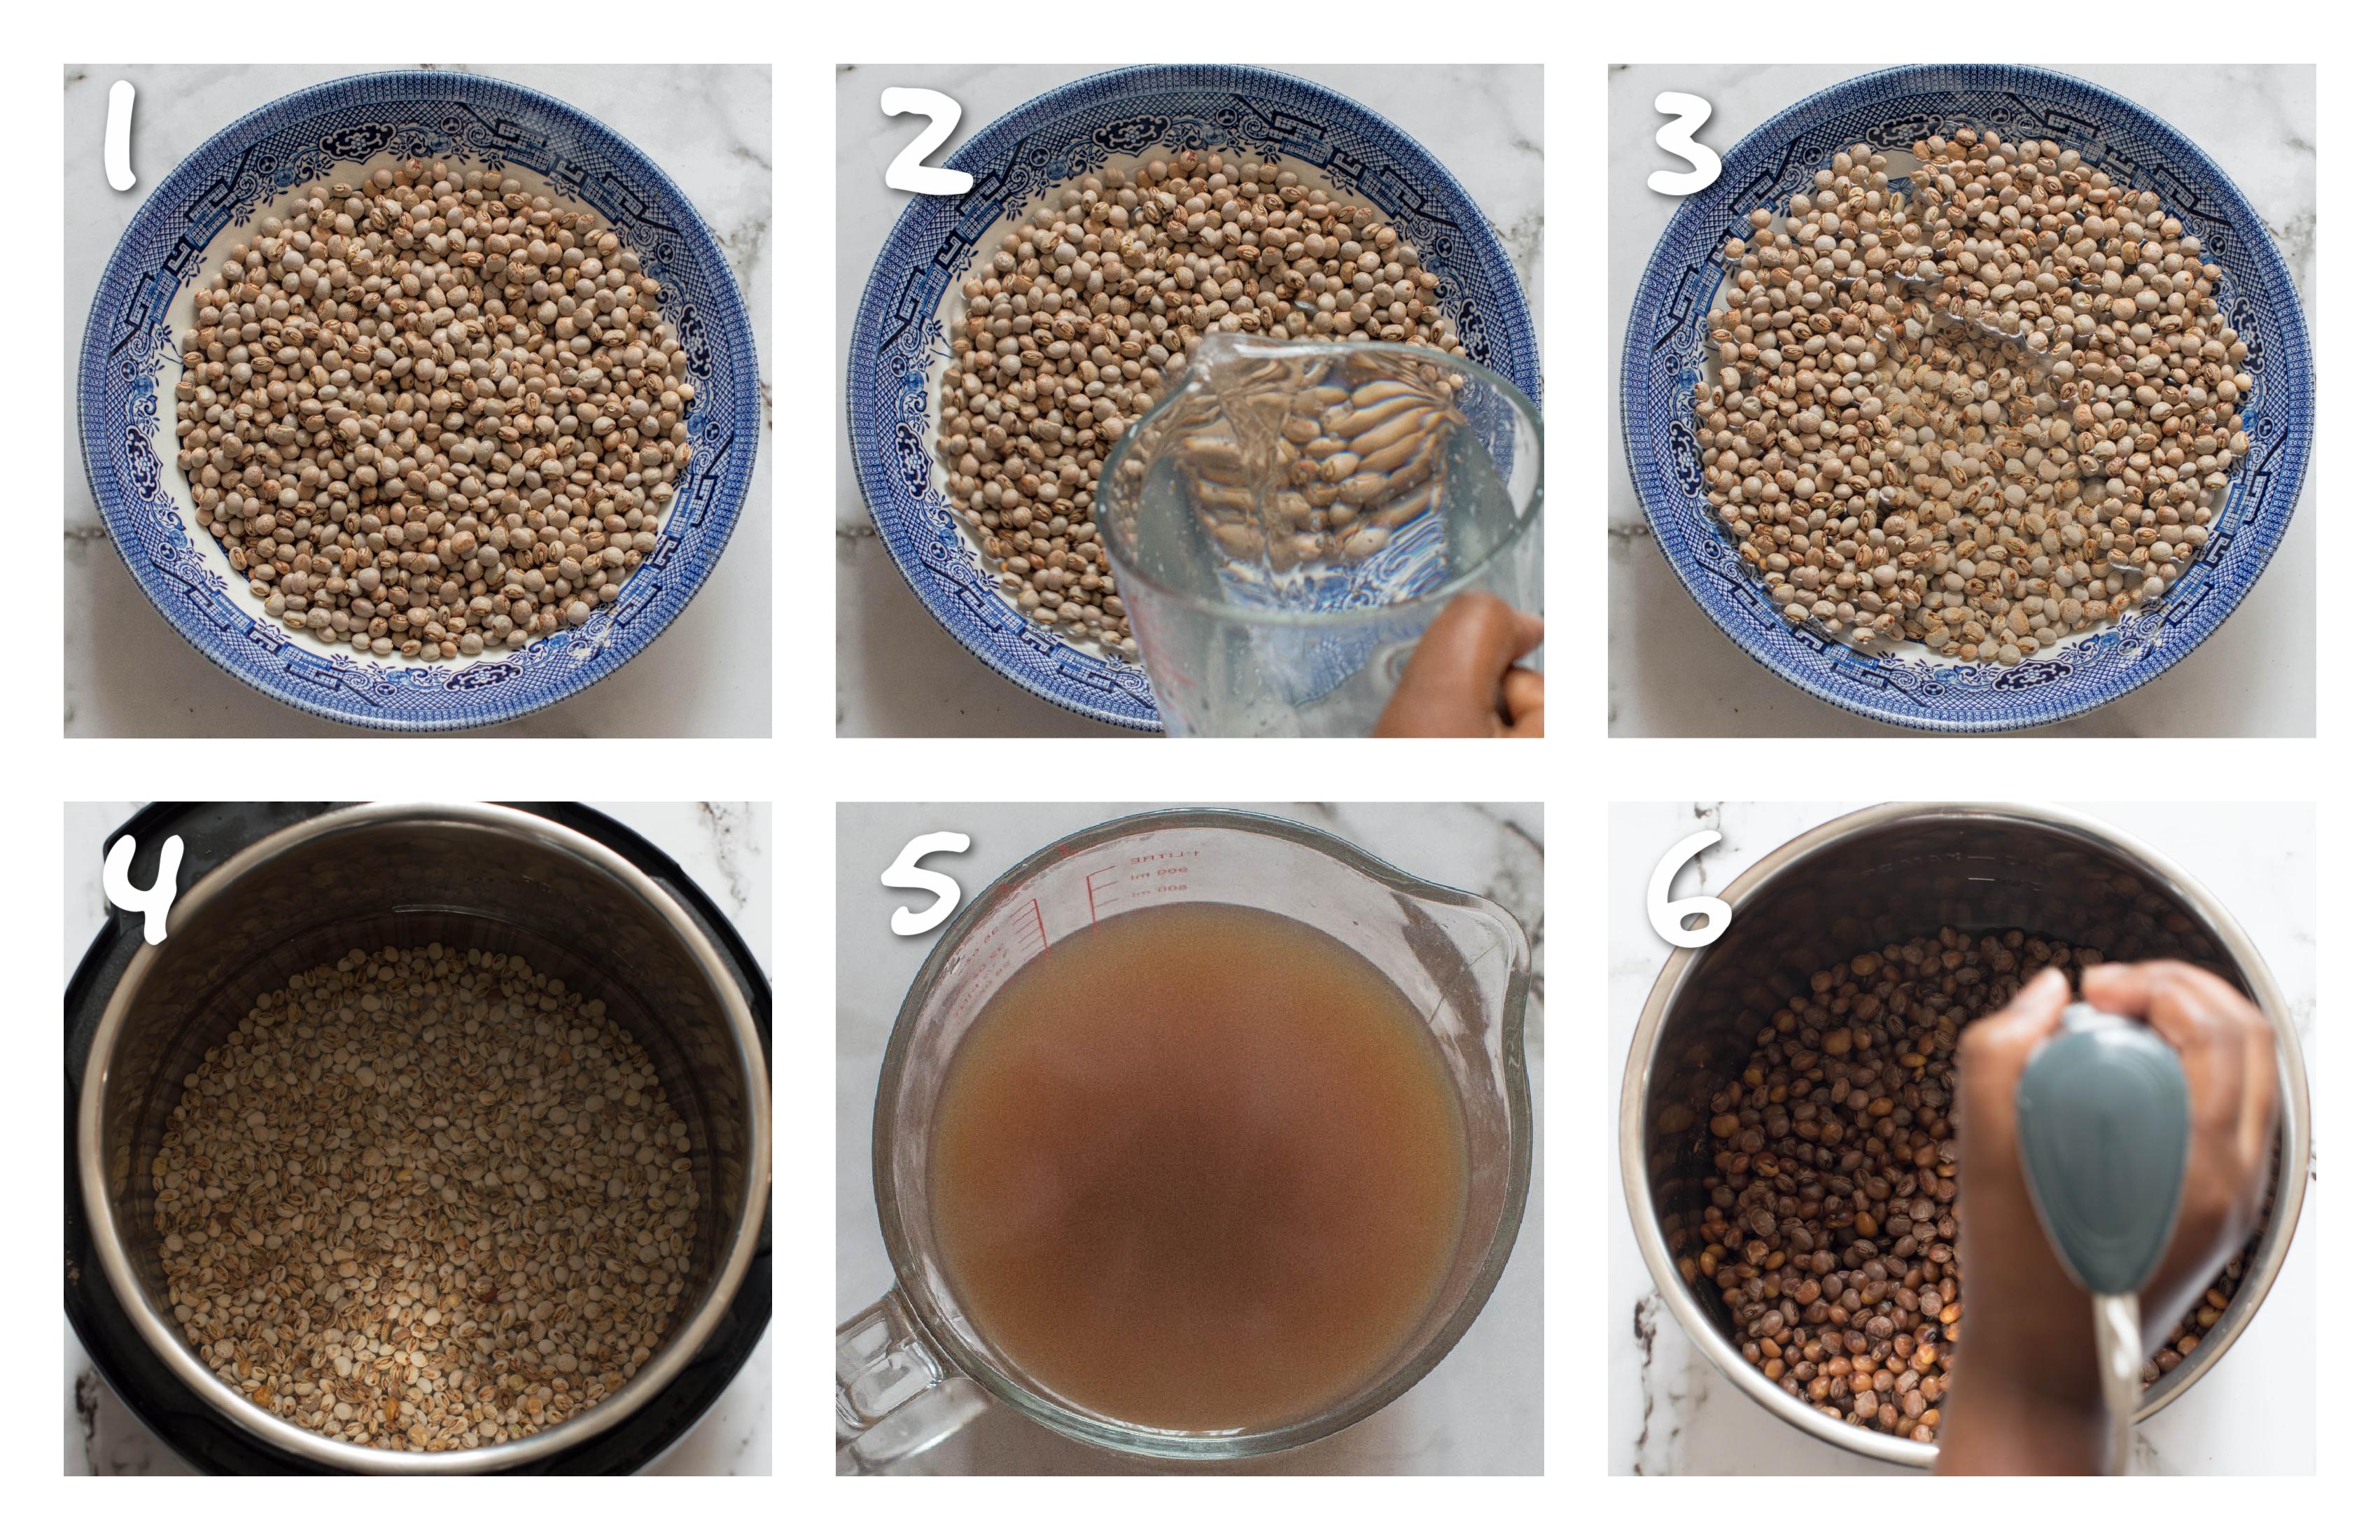 steps1-6 soaking the gungo peas and mashing them